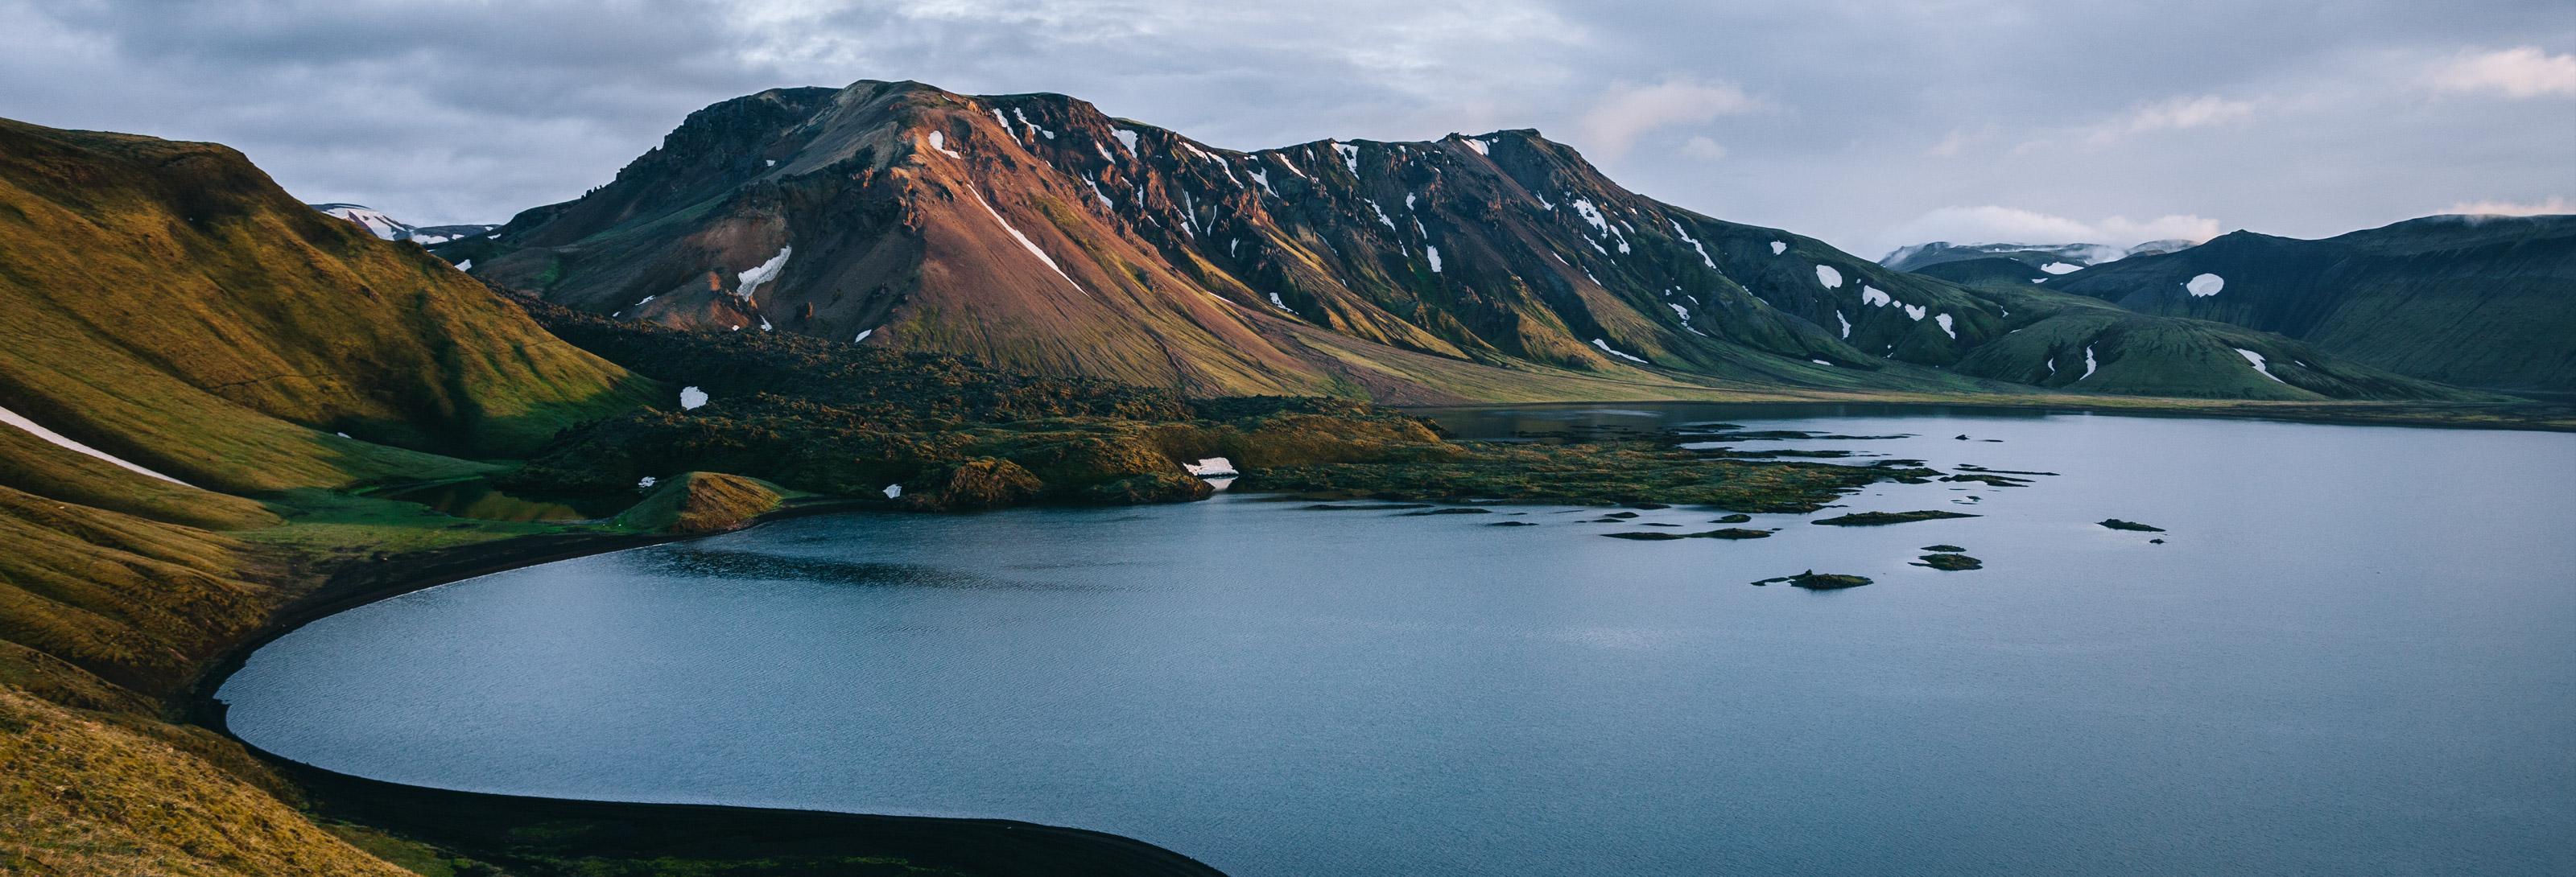 Image sommaire RÉCIT ISLANDE 2012 PARTIE 3. Coucher de soleil sur le lac Frostadavatn.